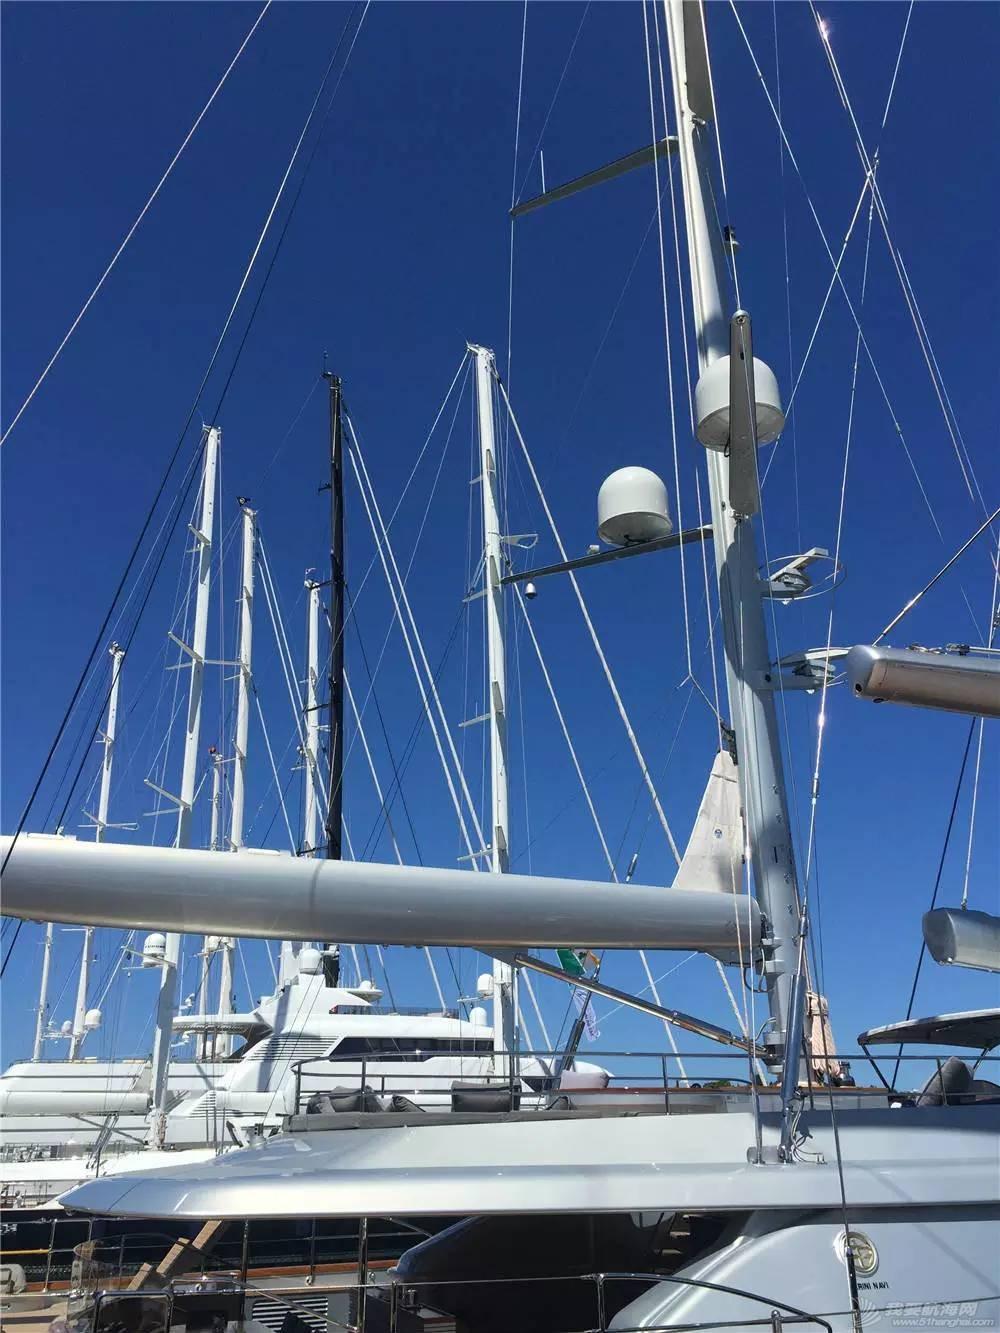 北京时间,意大利,撒丁岛,马耳他,总经理 佩里尼超级大帆船赛亚洲第一人----李剑 b8d2394483681026031b004880d689fb.jpg